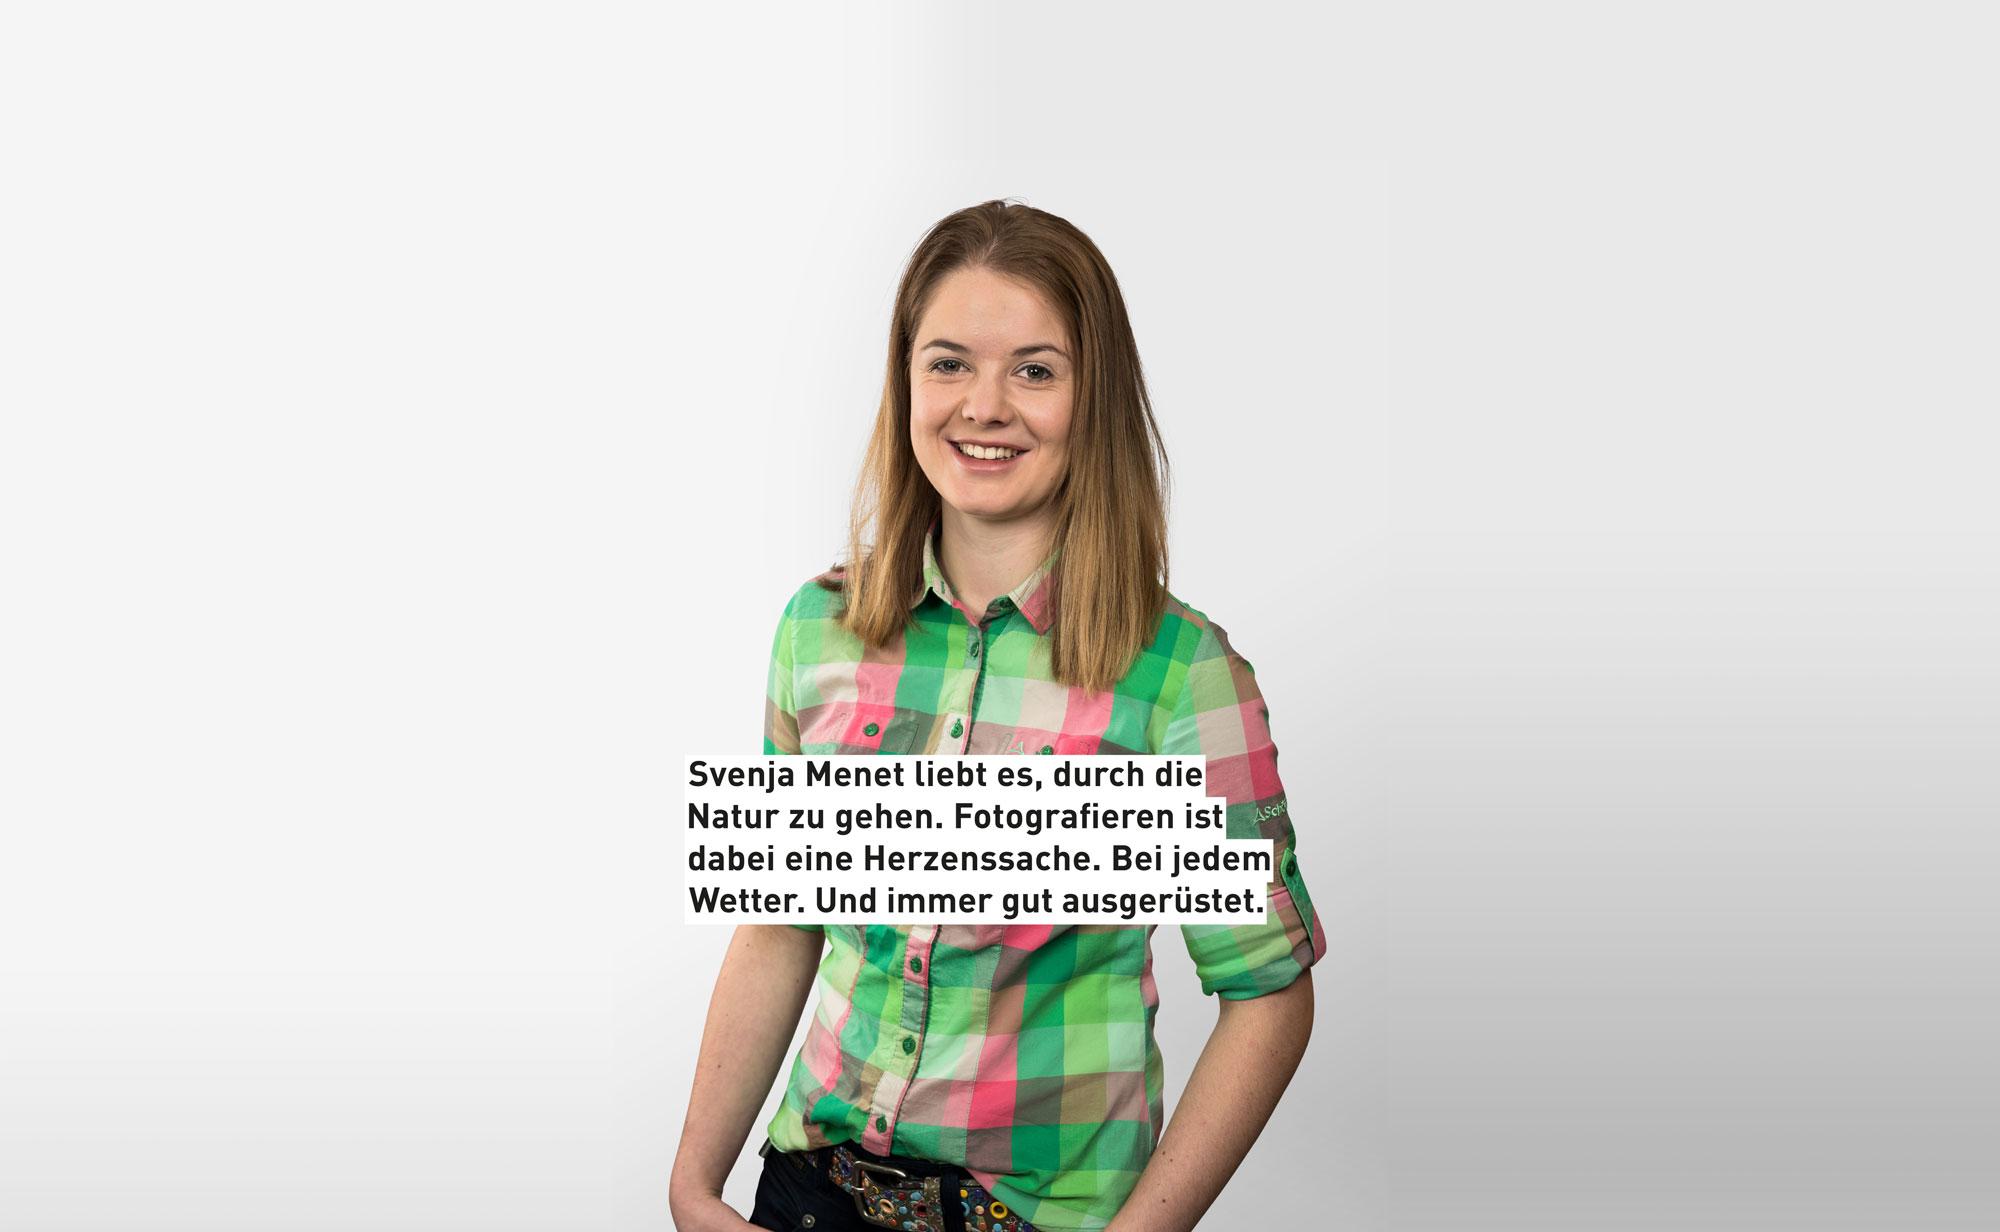 Svenja Menet